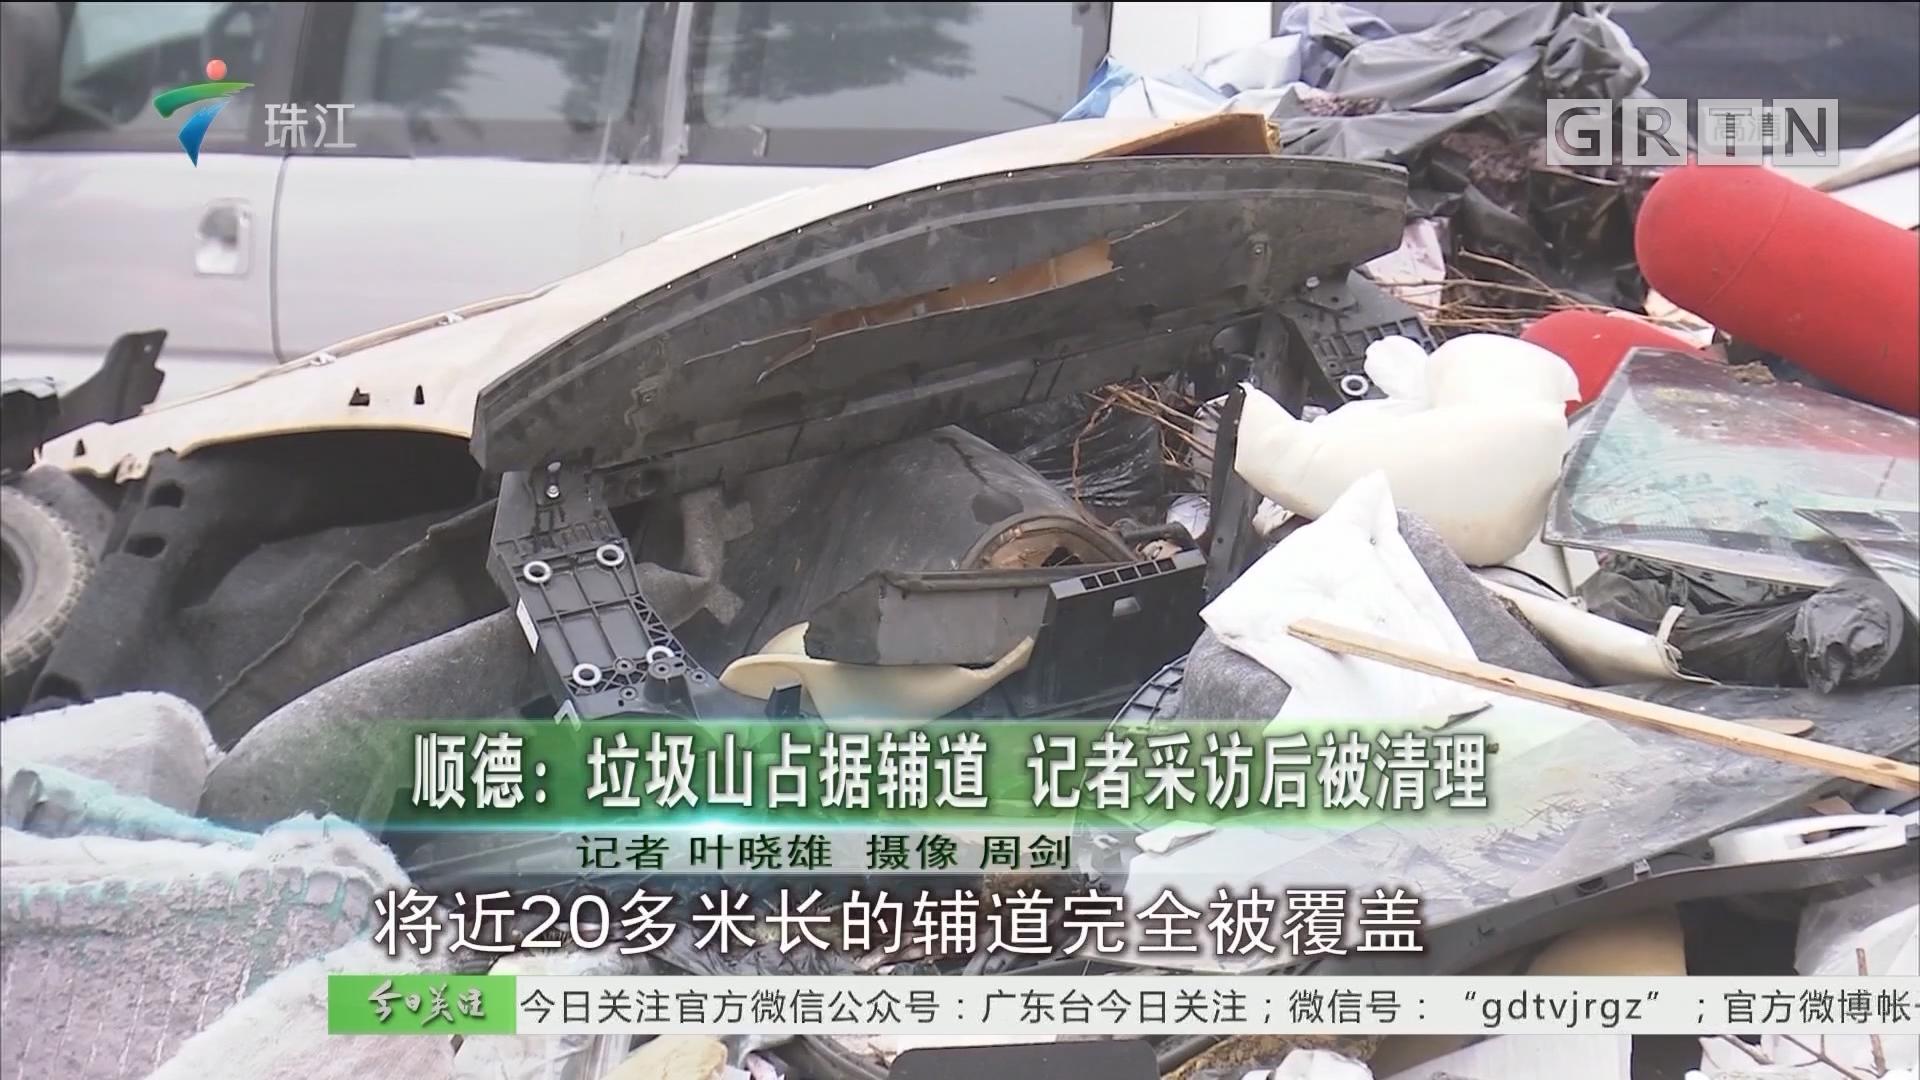 顺德:垃圾山占据辅道 记者采访后被清理